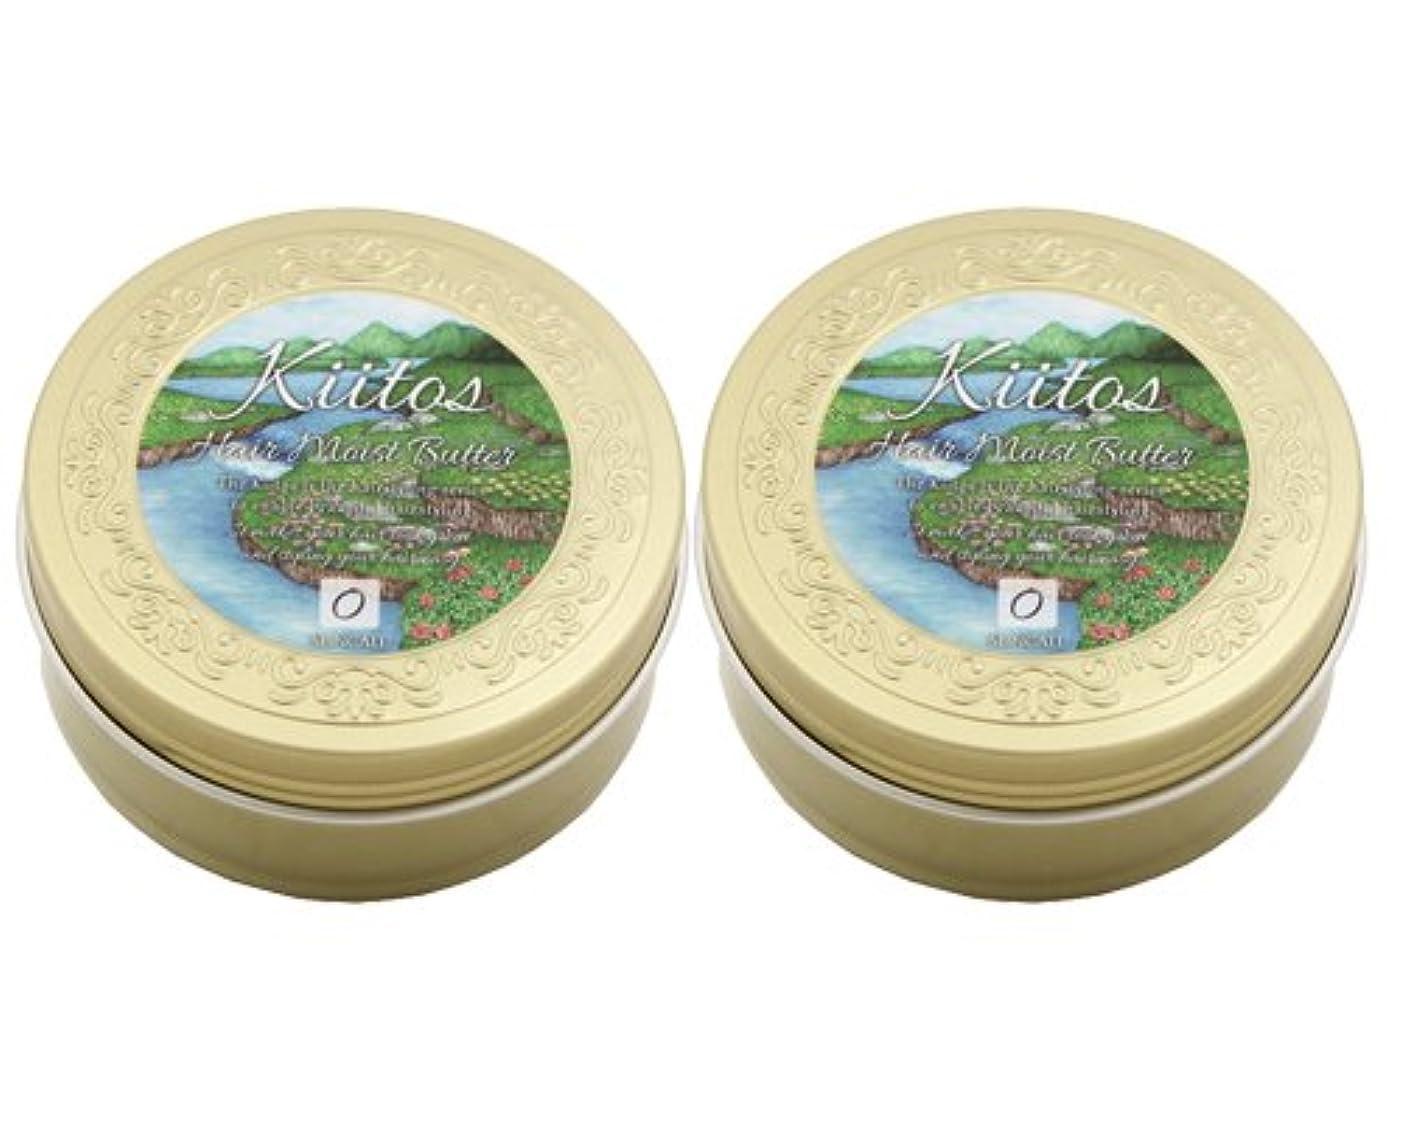 膜隠永久サンコール キートス ヘアモイストバター 85g ×2個 セット